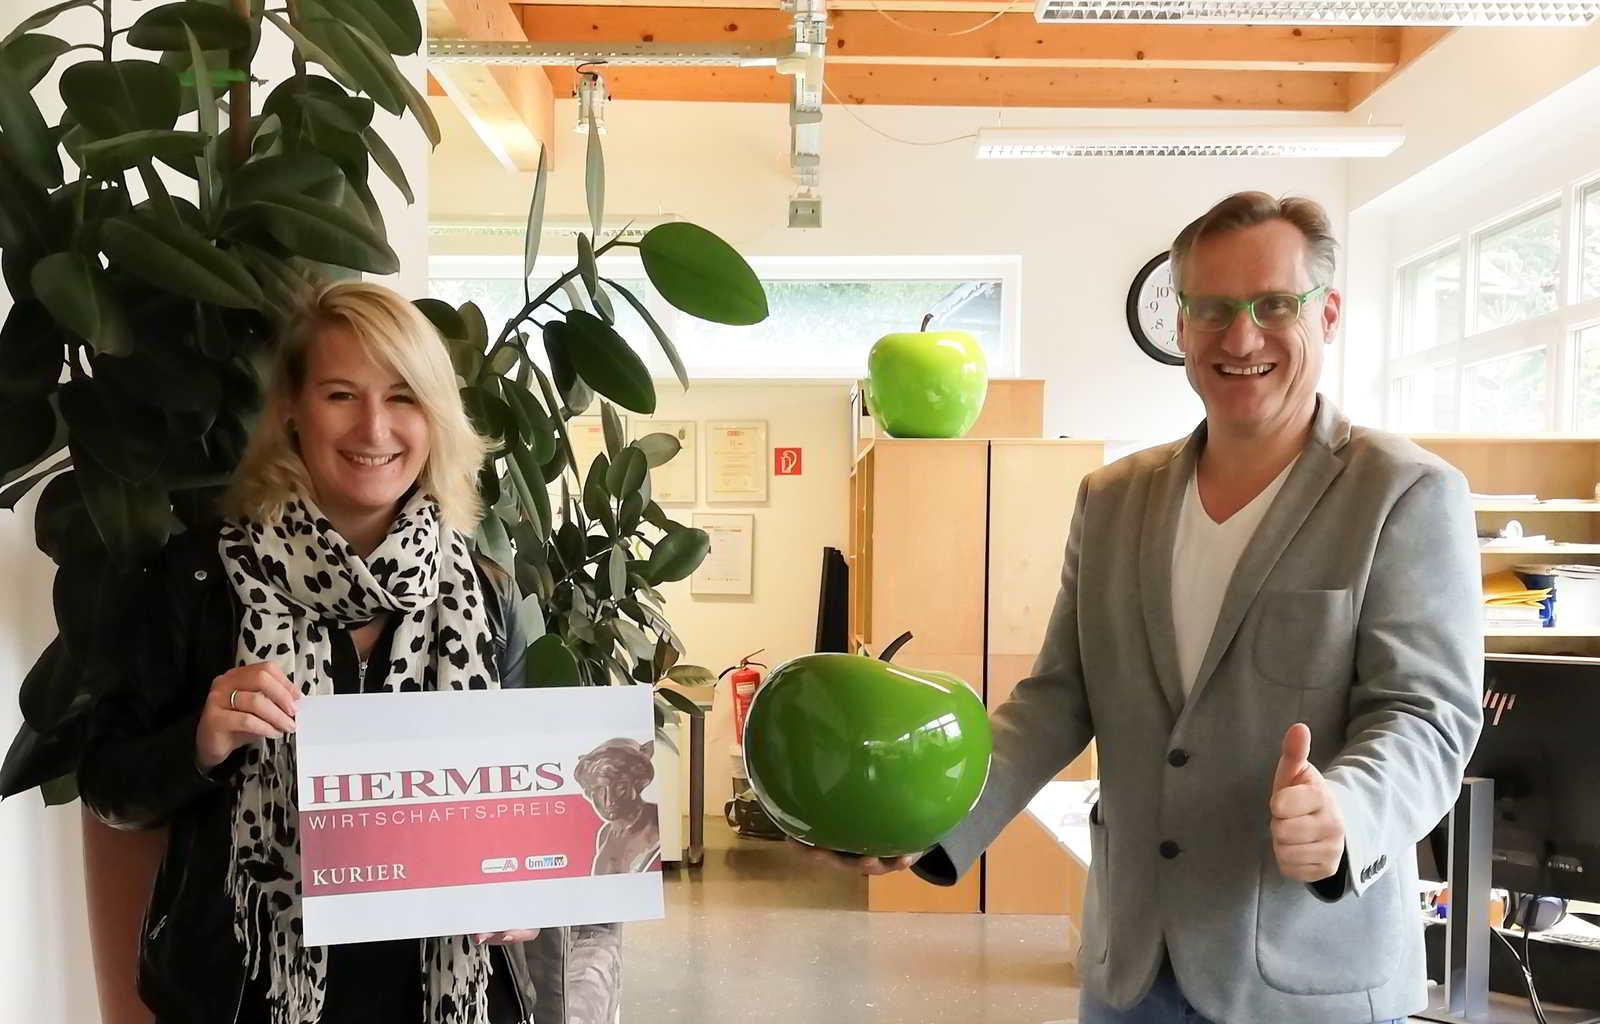 Hermes 2020 - Putz & Stingl Unter Den Top 10